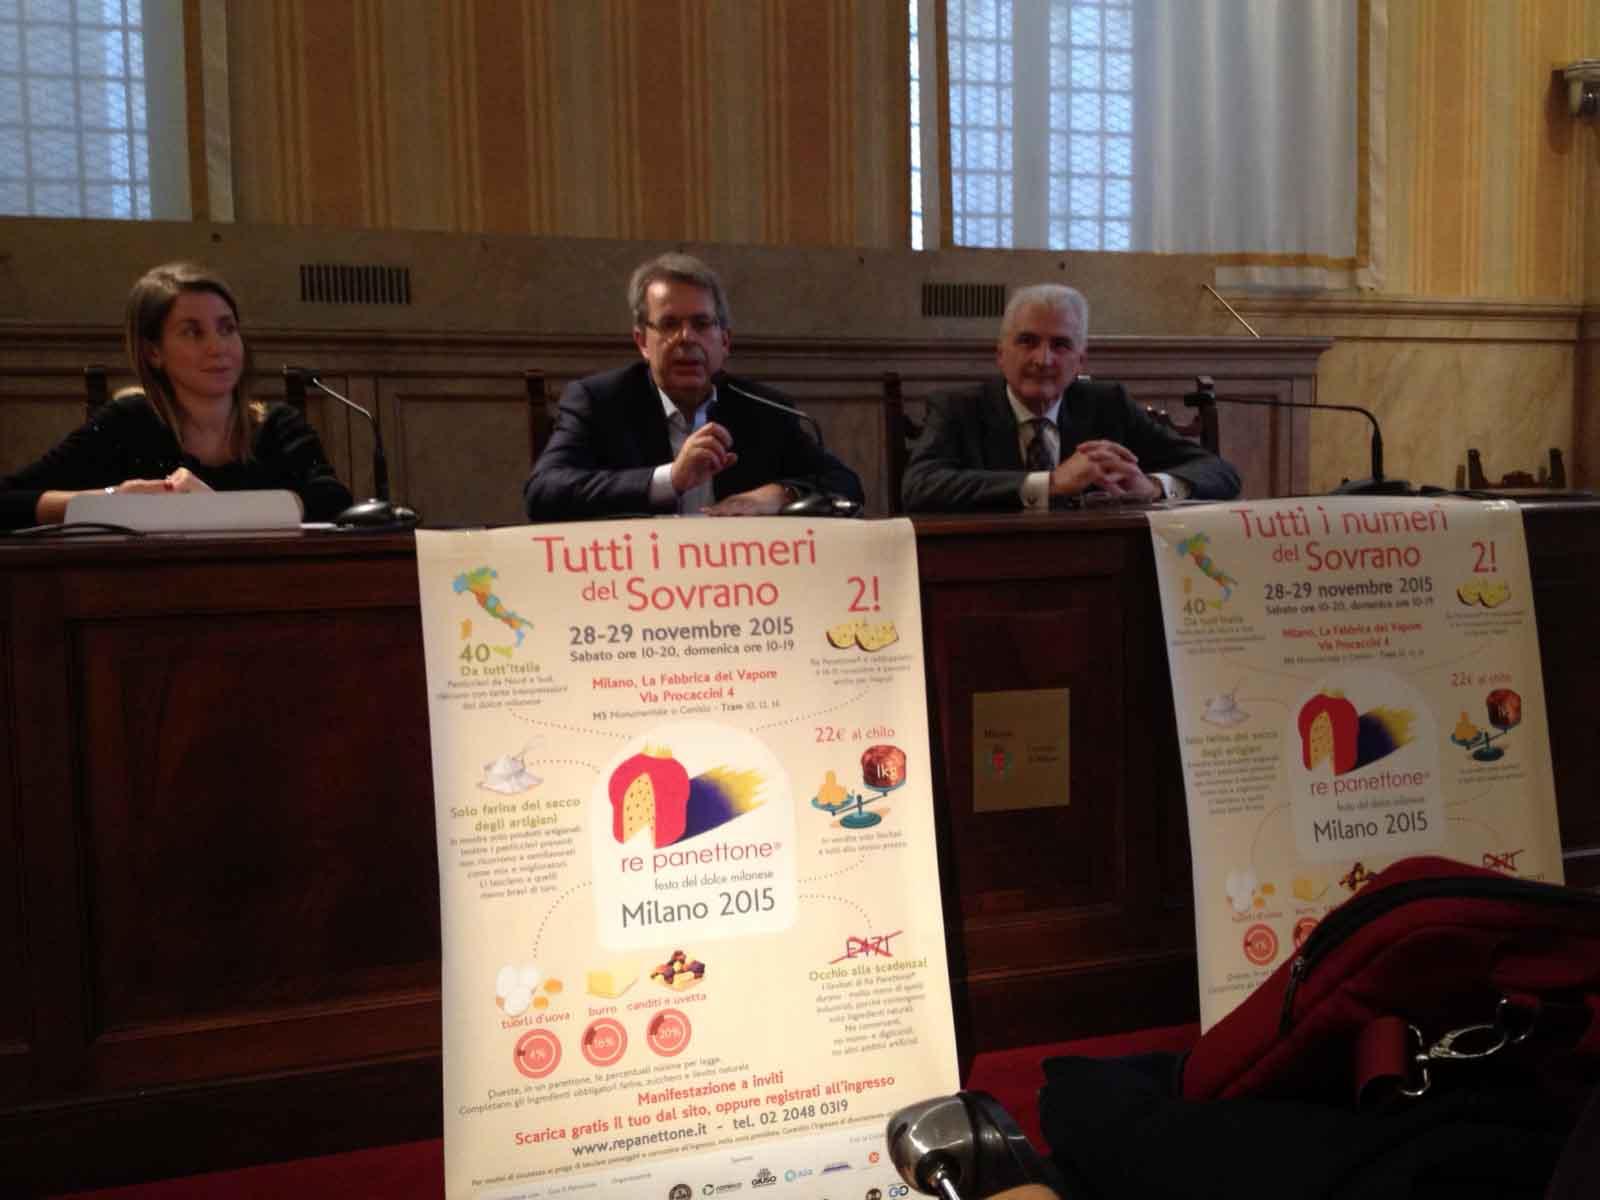 Re Panettone 2015 Milano presentazione